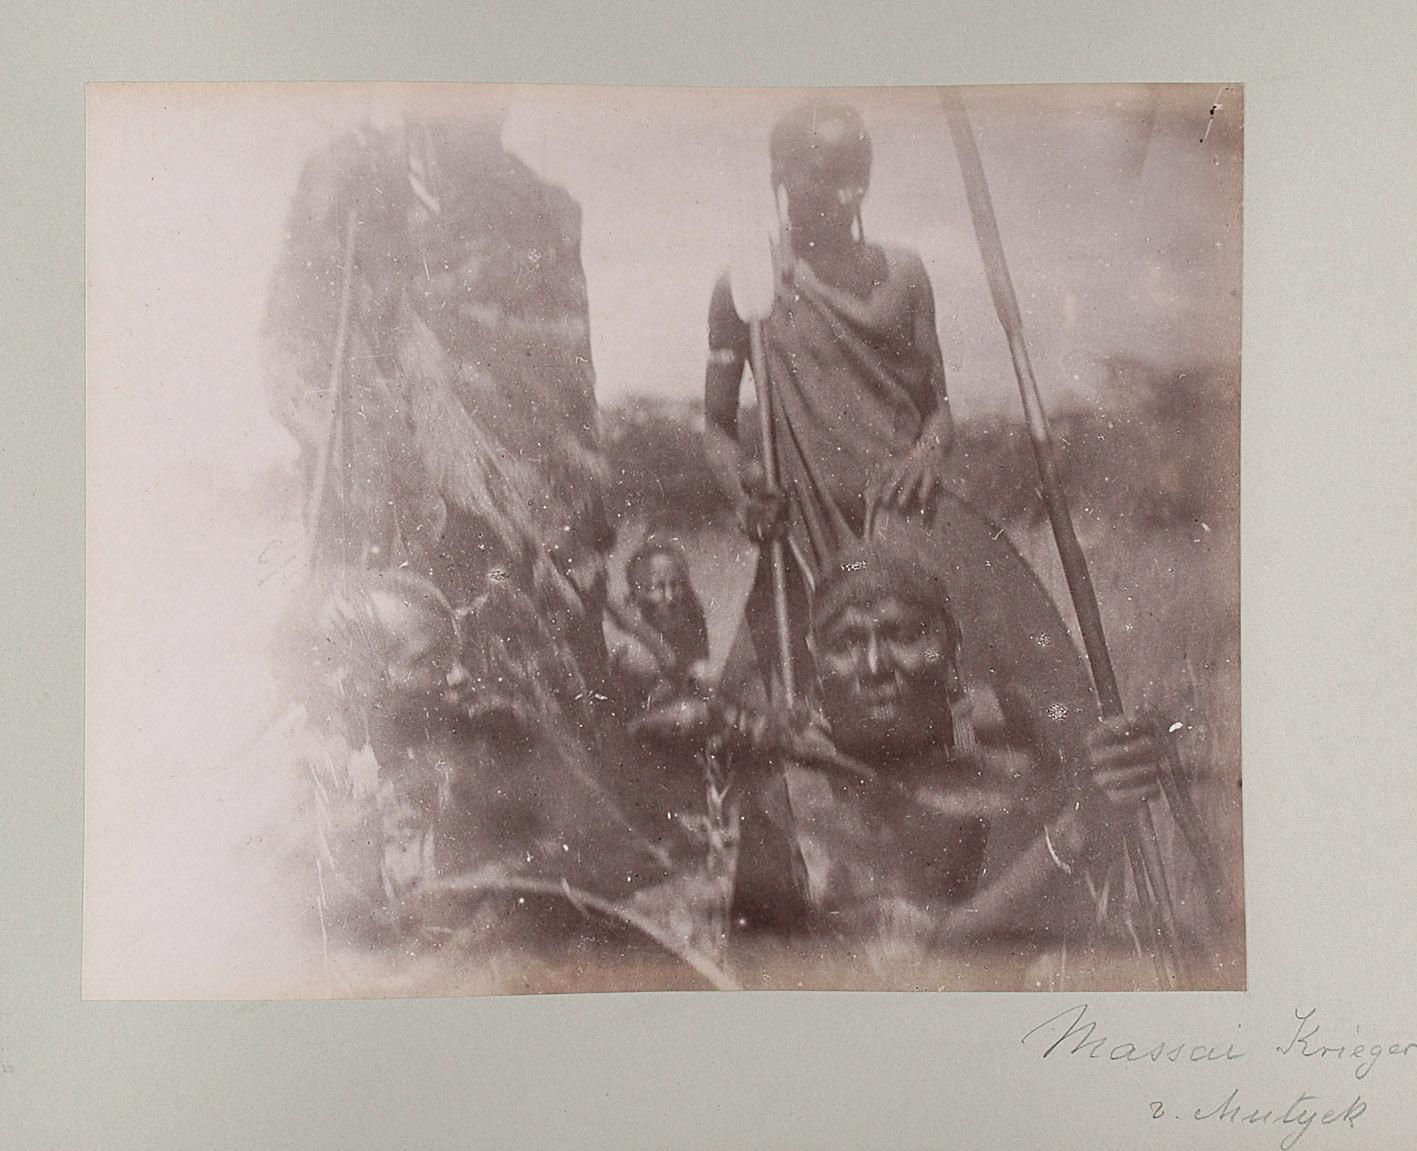 Massai Krieger v. Mutyek von Oscar Baumann